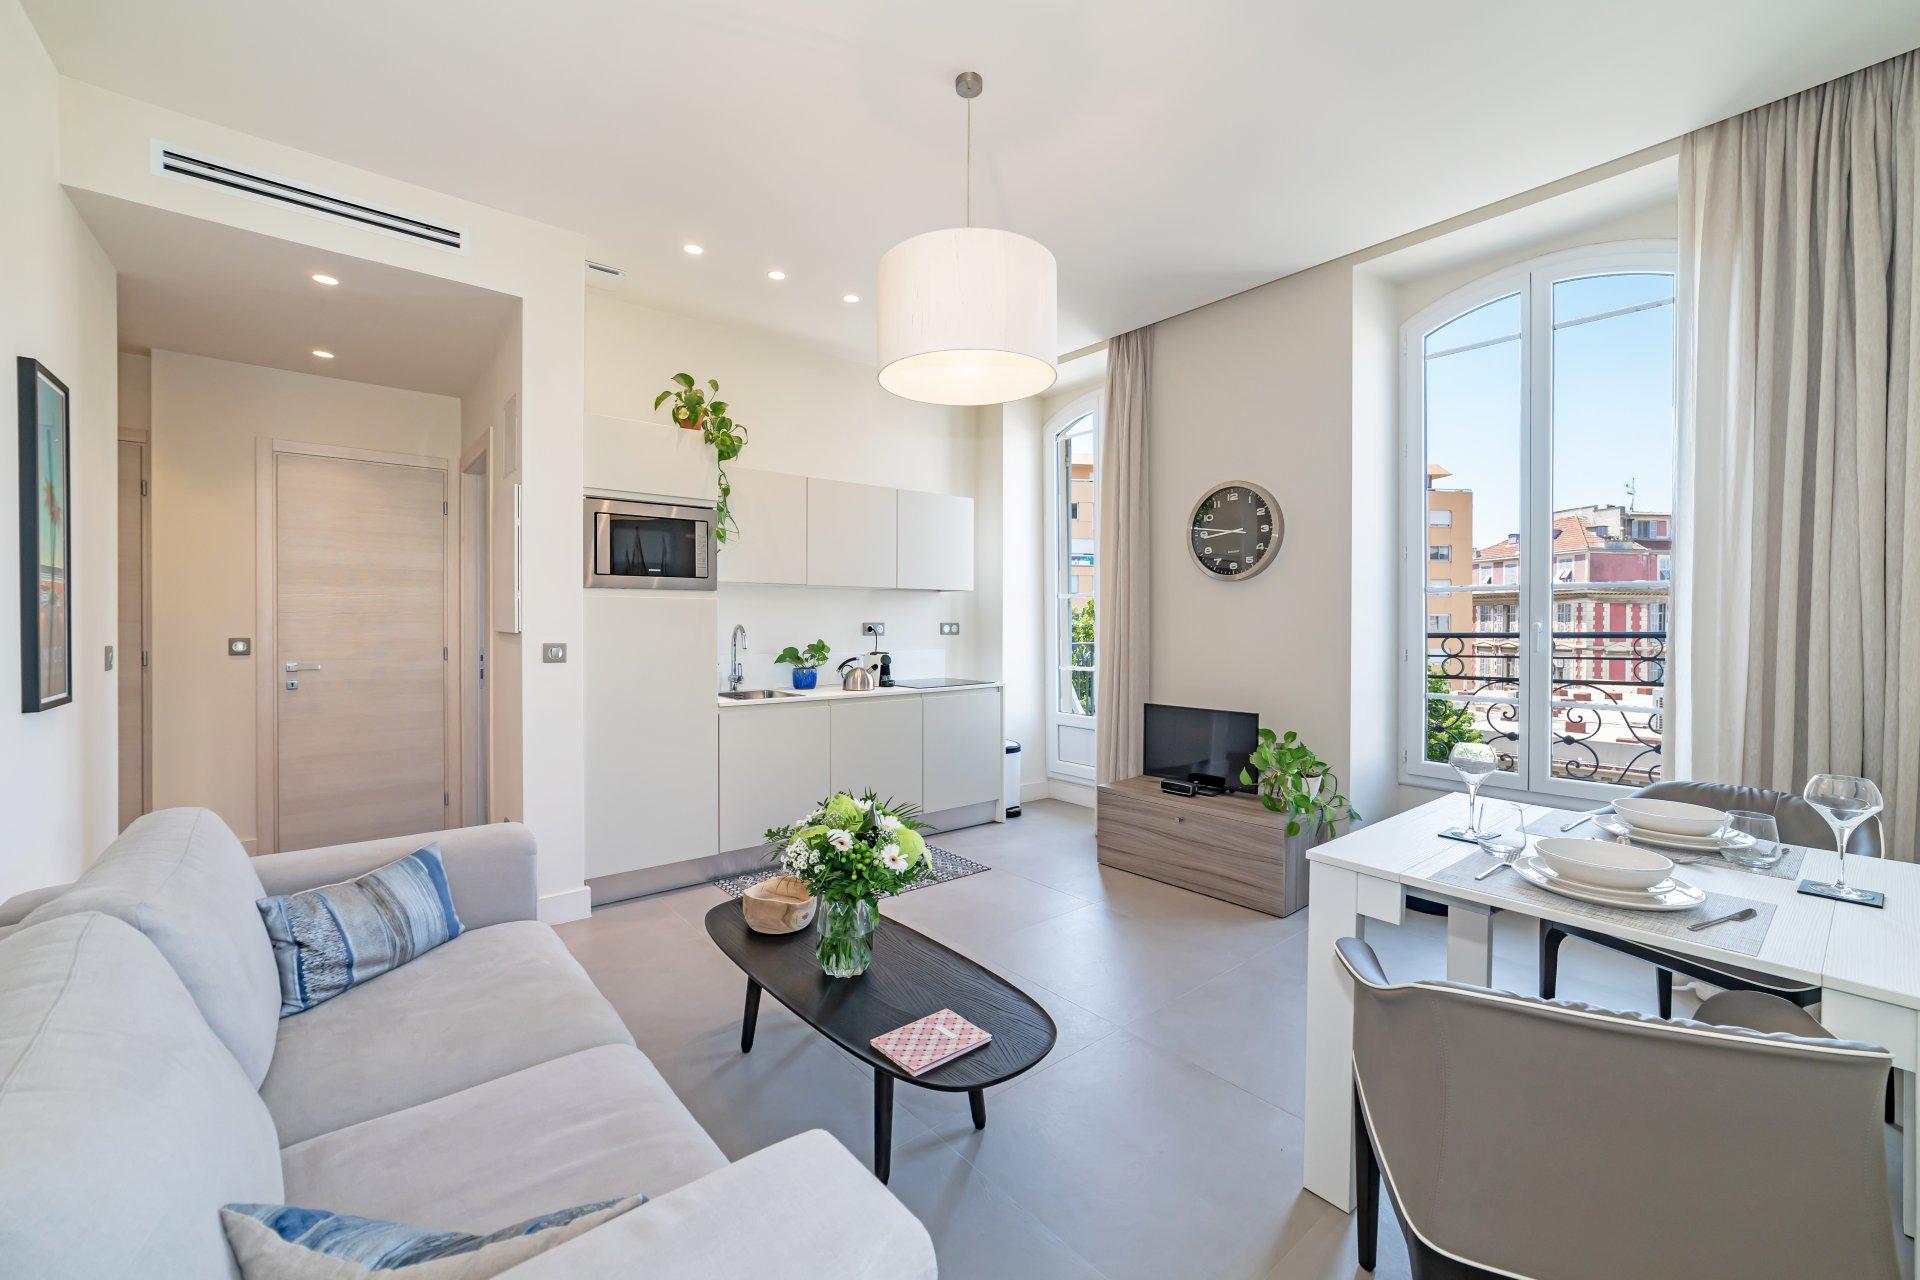 Appartement irréprochable au cœur de Nice